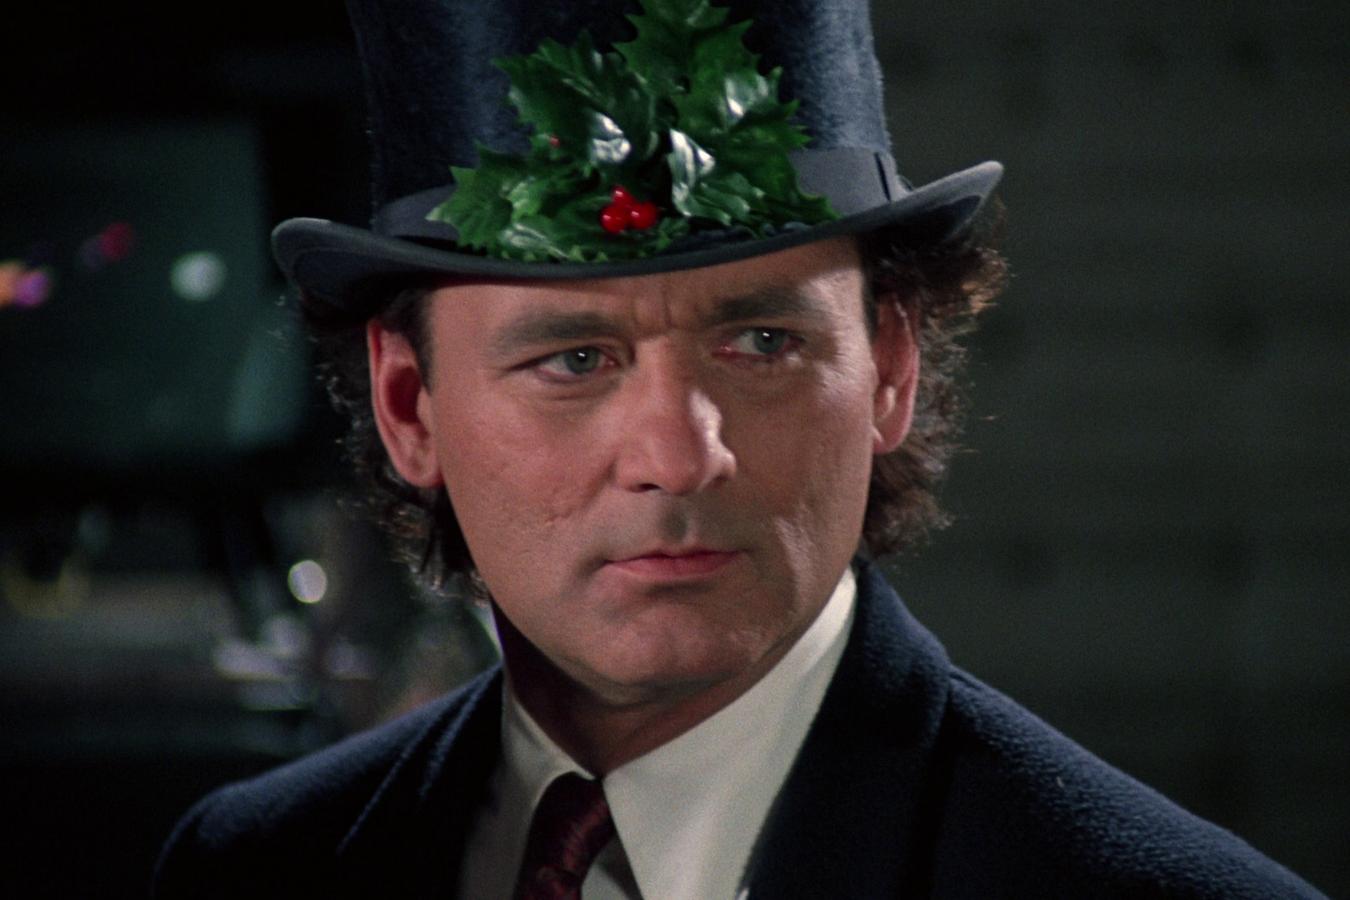 9. Scrooged (1988)